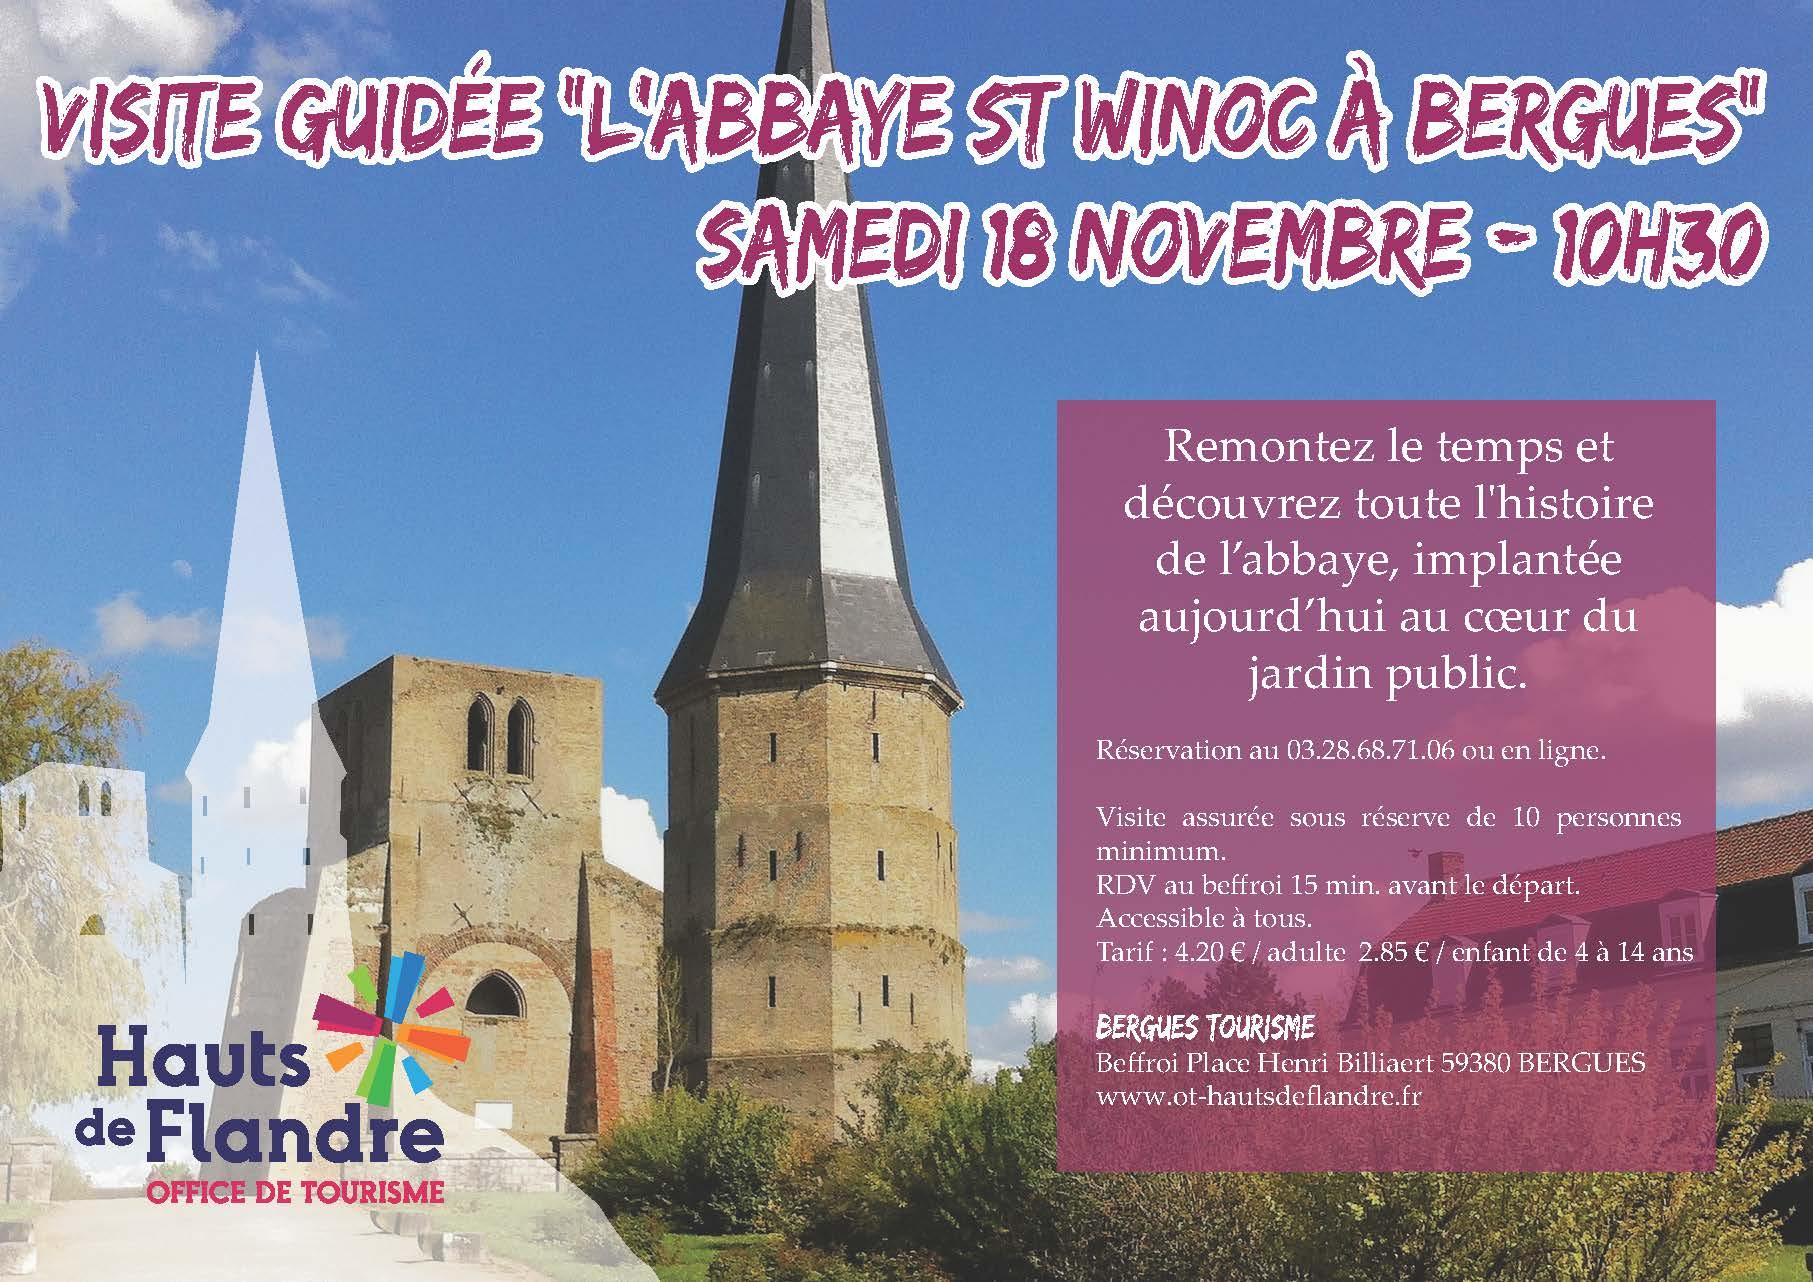 Visite guid e l 39 abbaye st winoc bergues office de tourisme des hauts de flandre - Office de tourisme saint antoine l abbaye ...